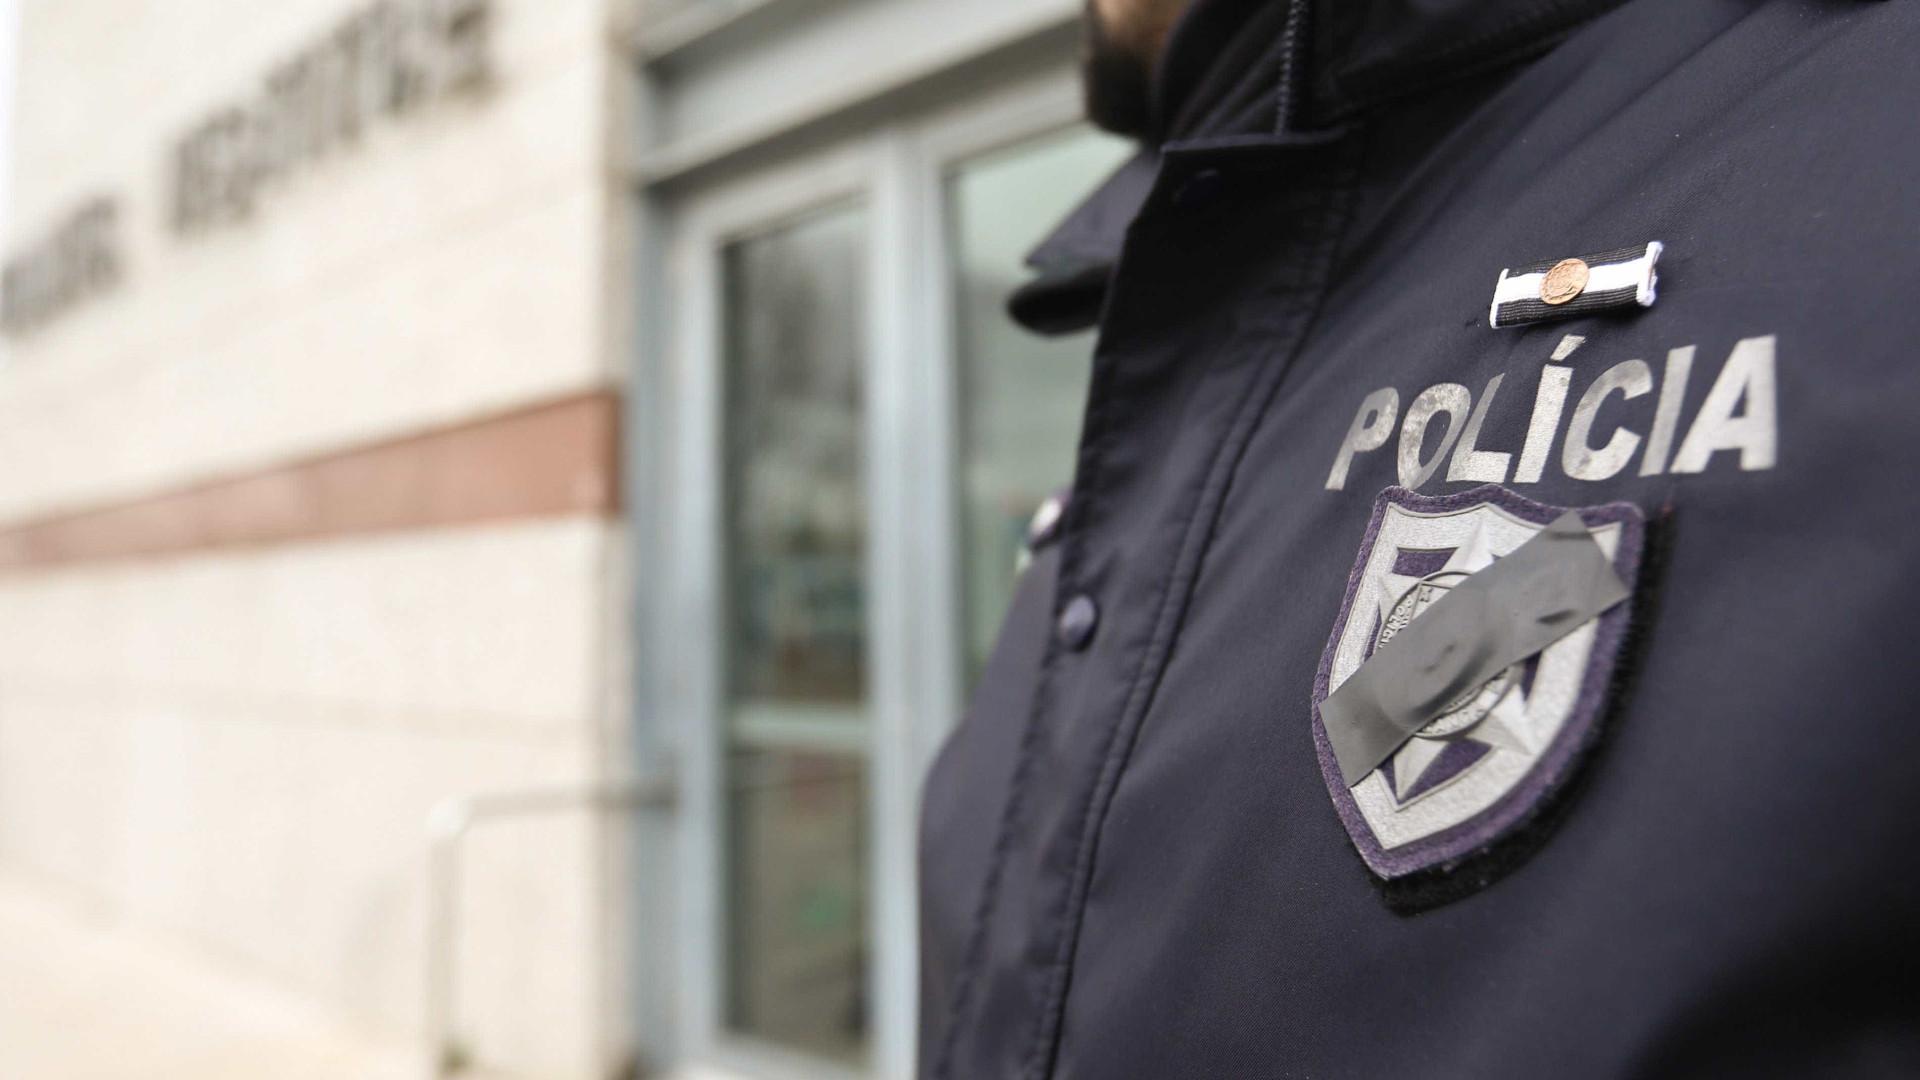 Lisboa, Setúbal e Faro. Seis detidos em operação contra tráfico de armas